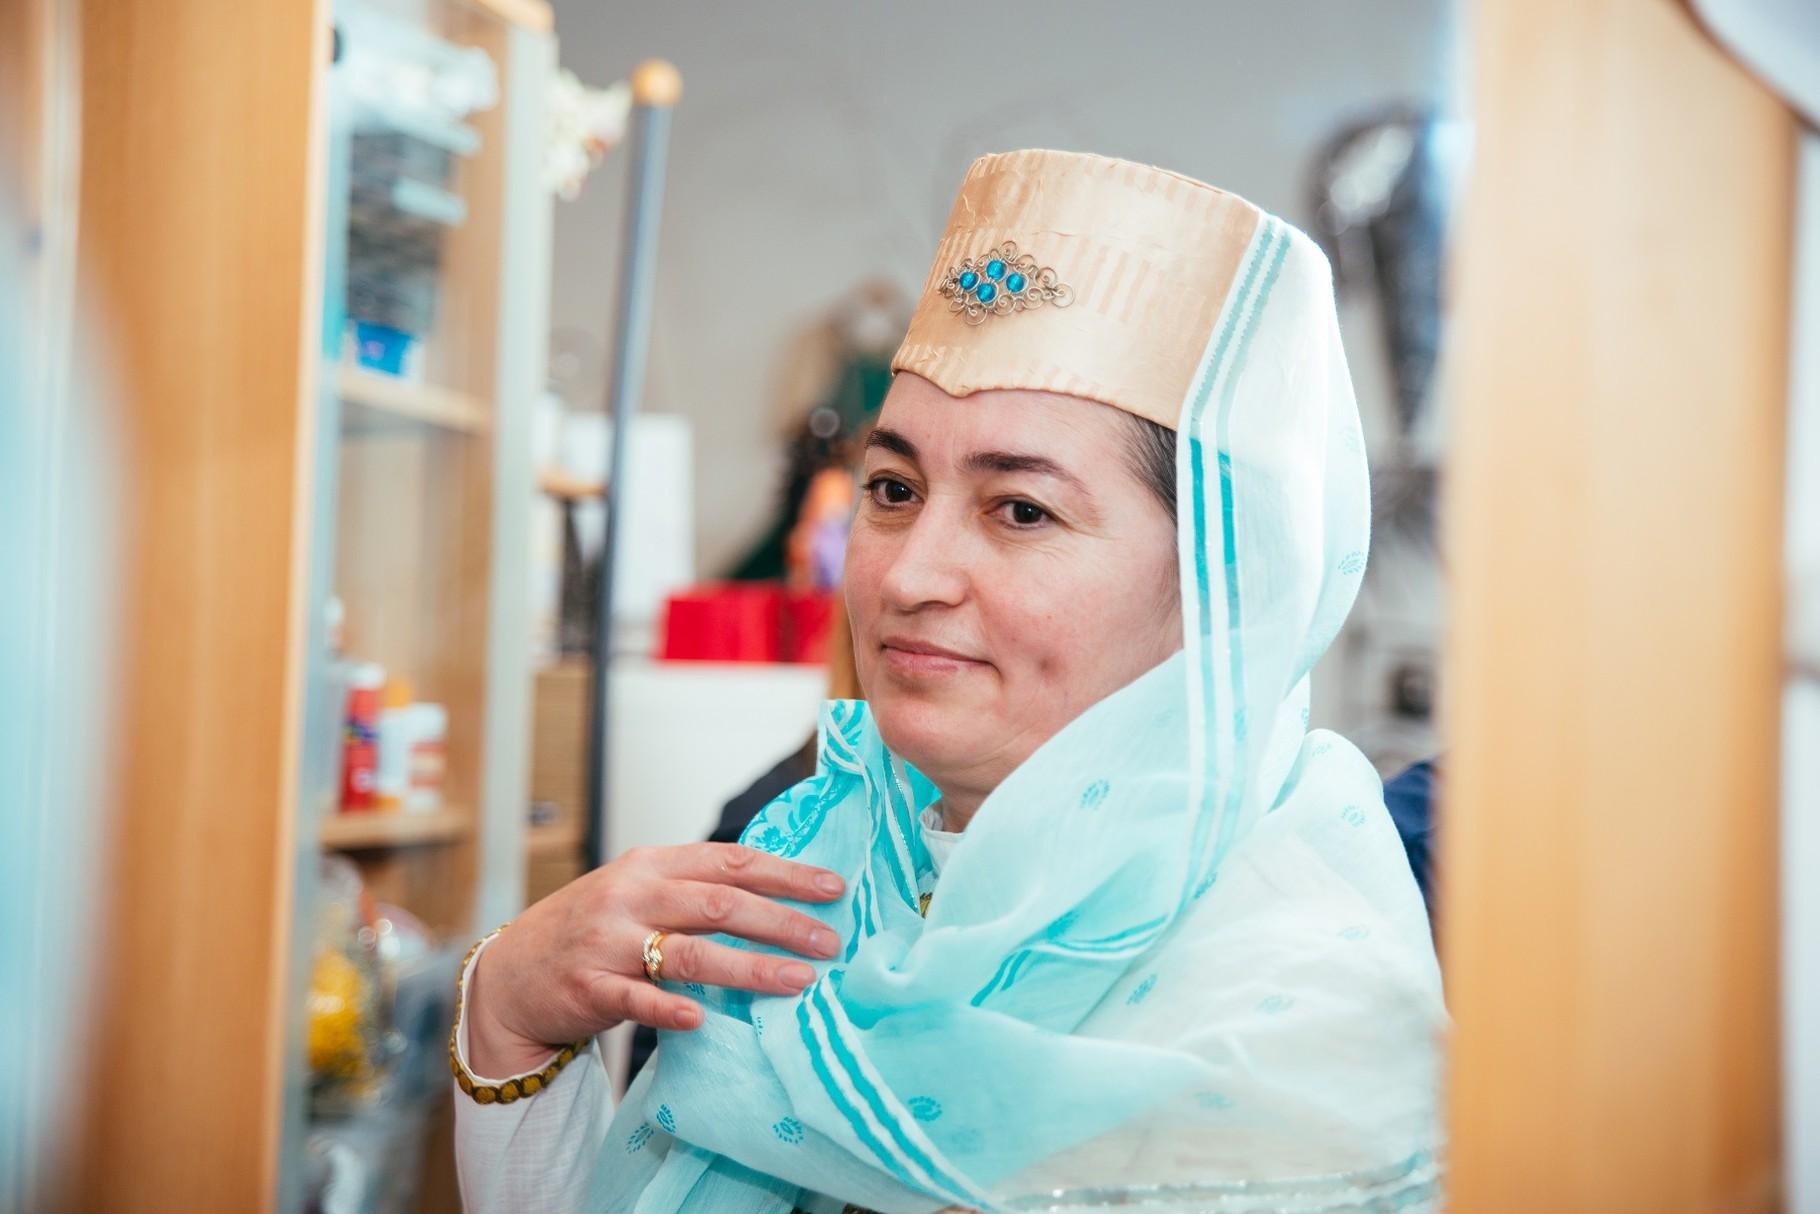 Für uns hat Khadishat ihre traditionalle Tarcht angelegt - obwohl sie sich in ihrer Alltagskleidung wohler fühlt